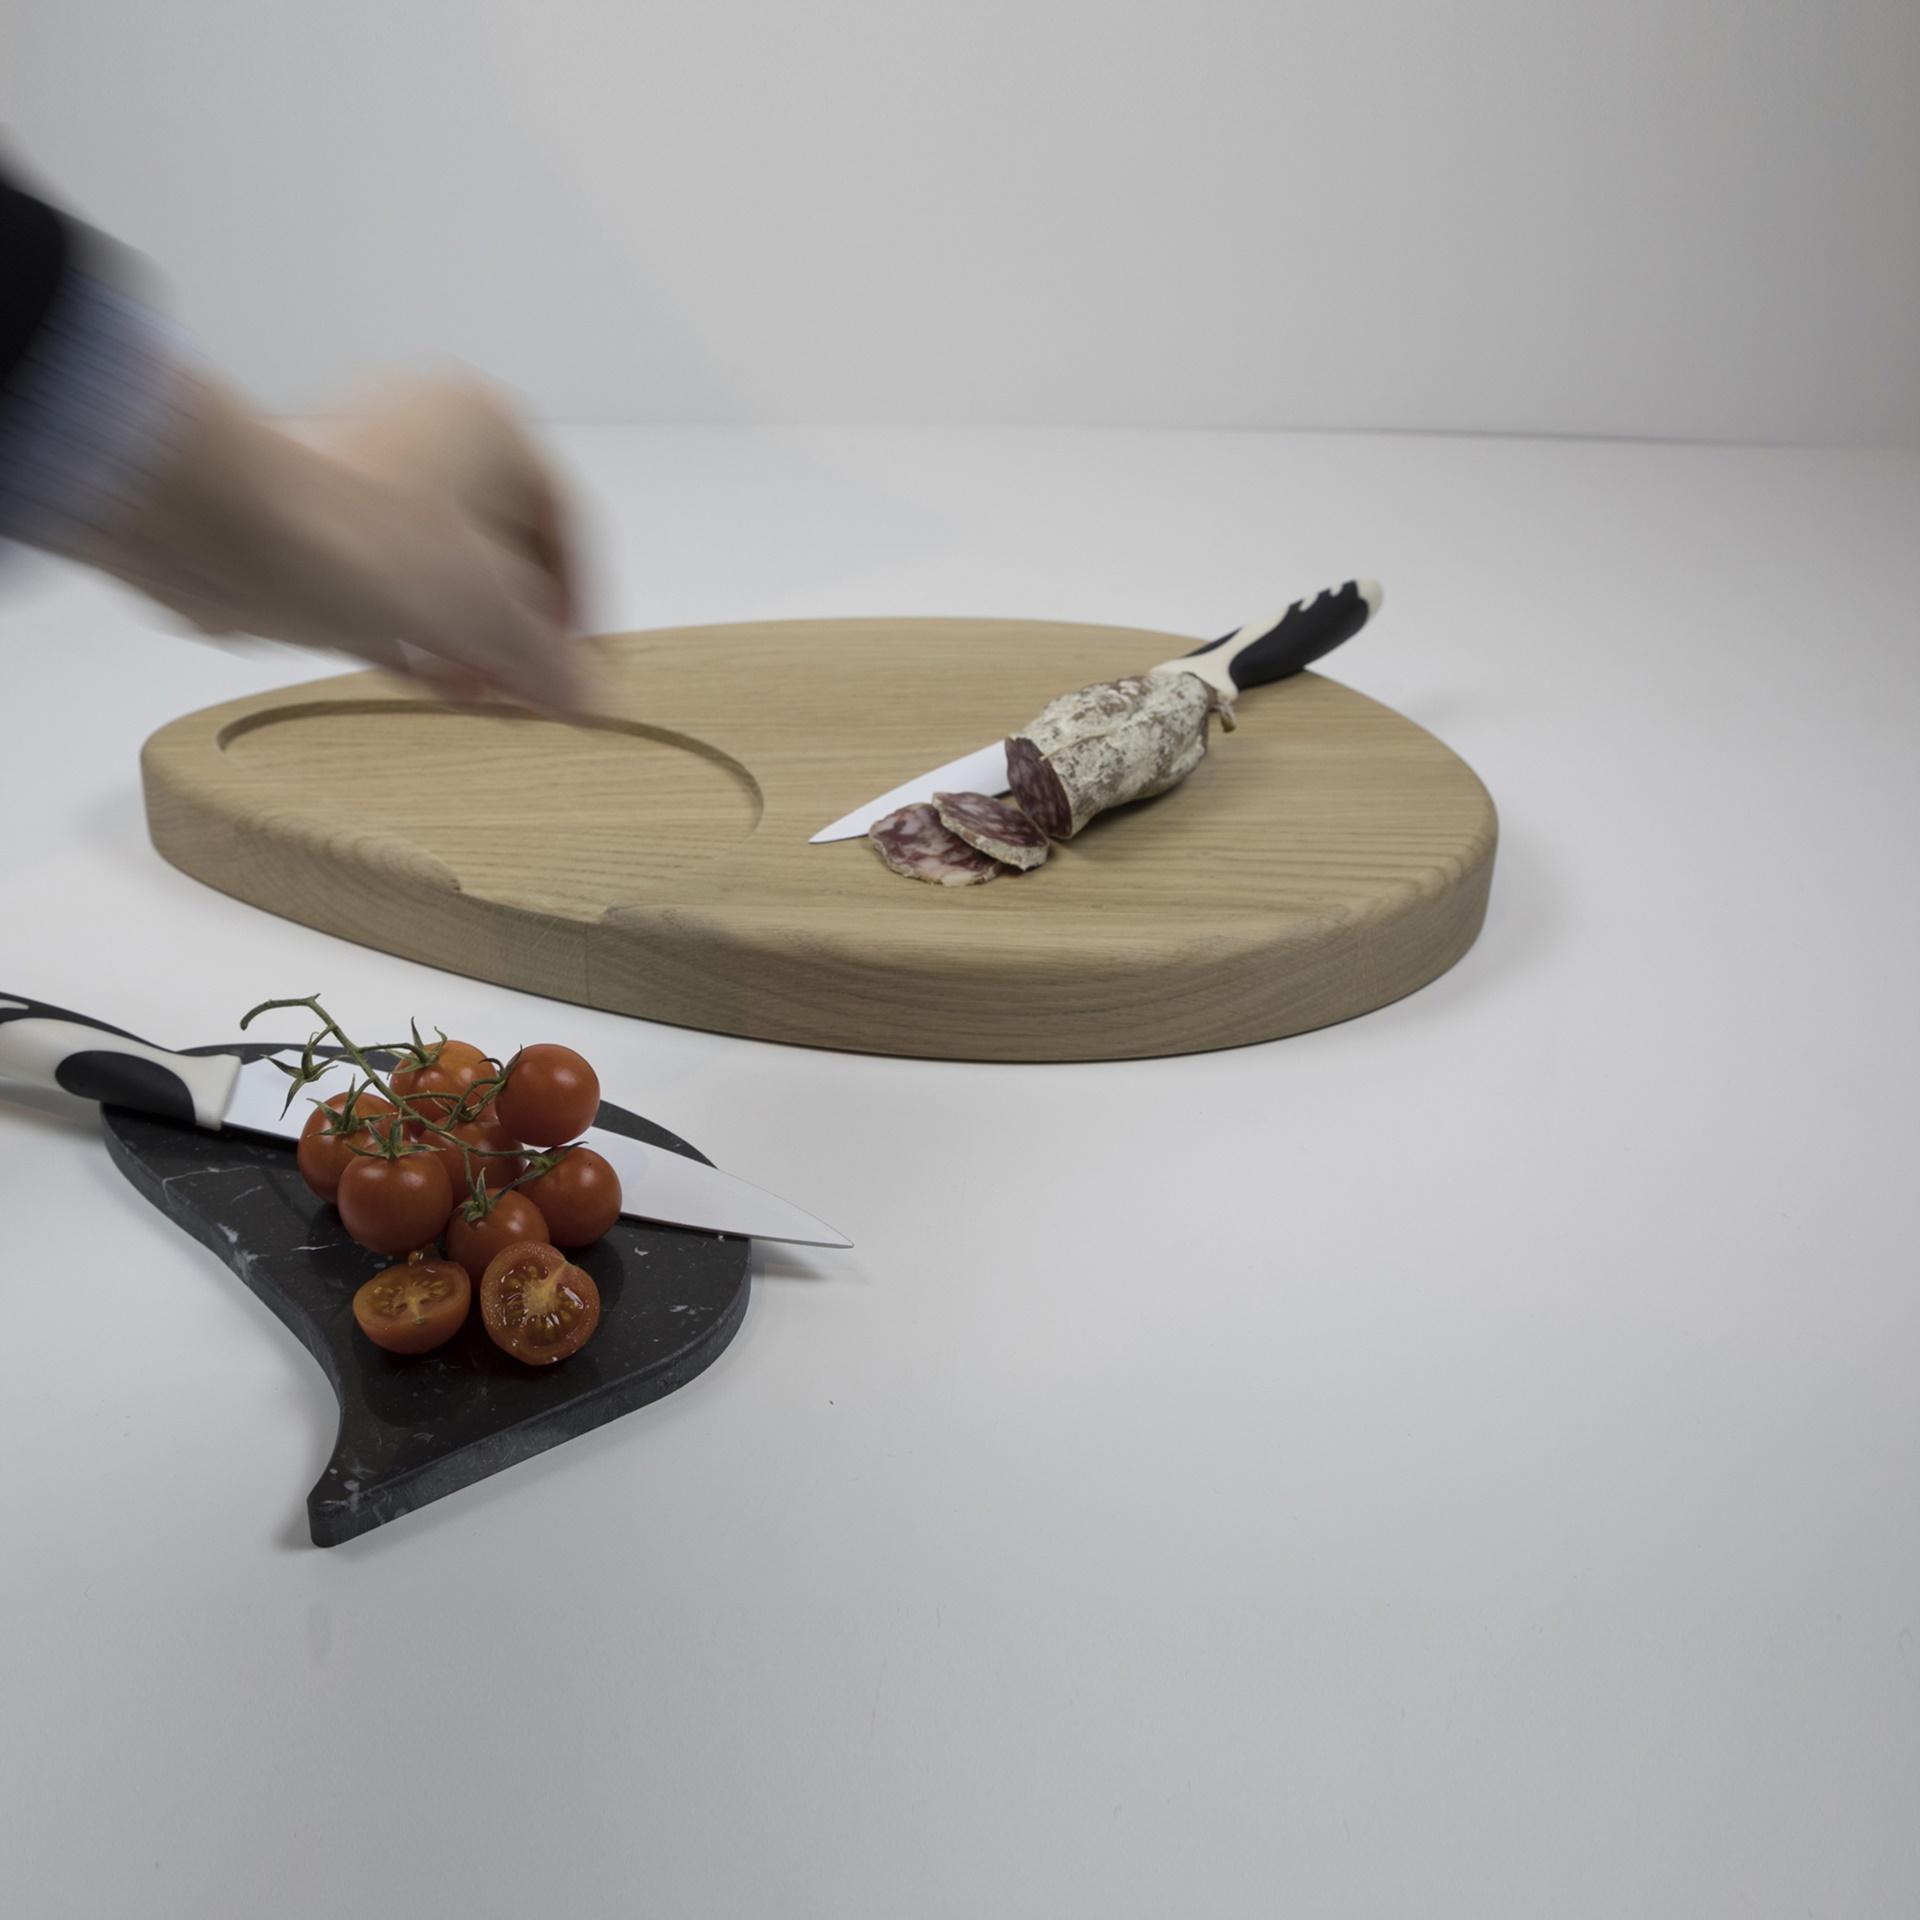 Finitura Legno Per Alimenti tagliere cucina in legno massiccio di rovere naturale pregiato con inserto  in marmo bianco carrara e nero marquina. argo_r